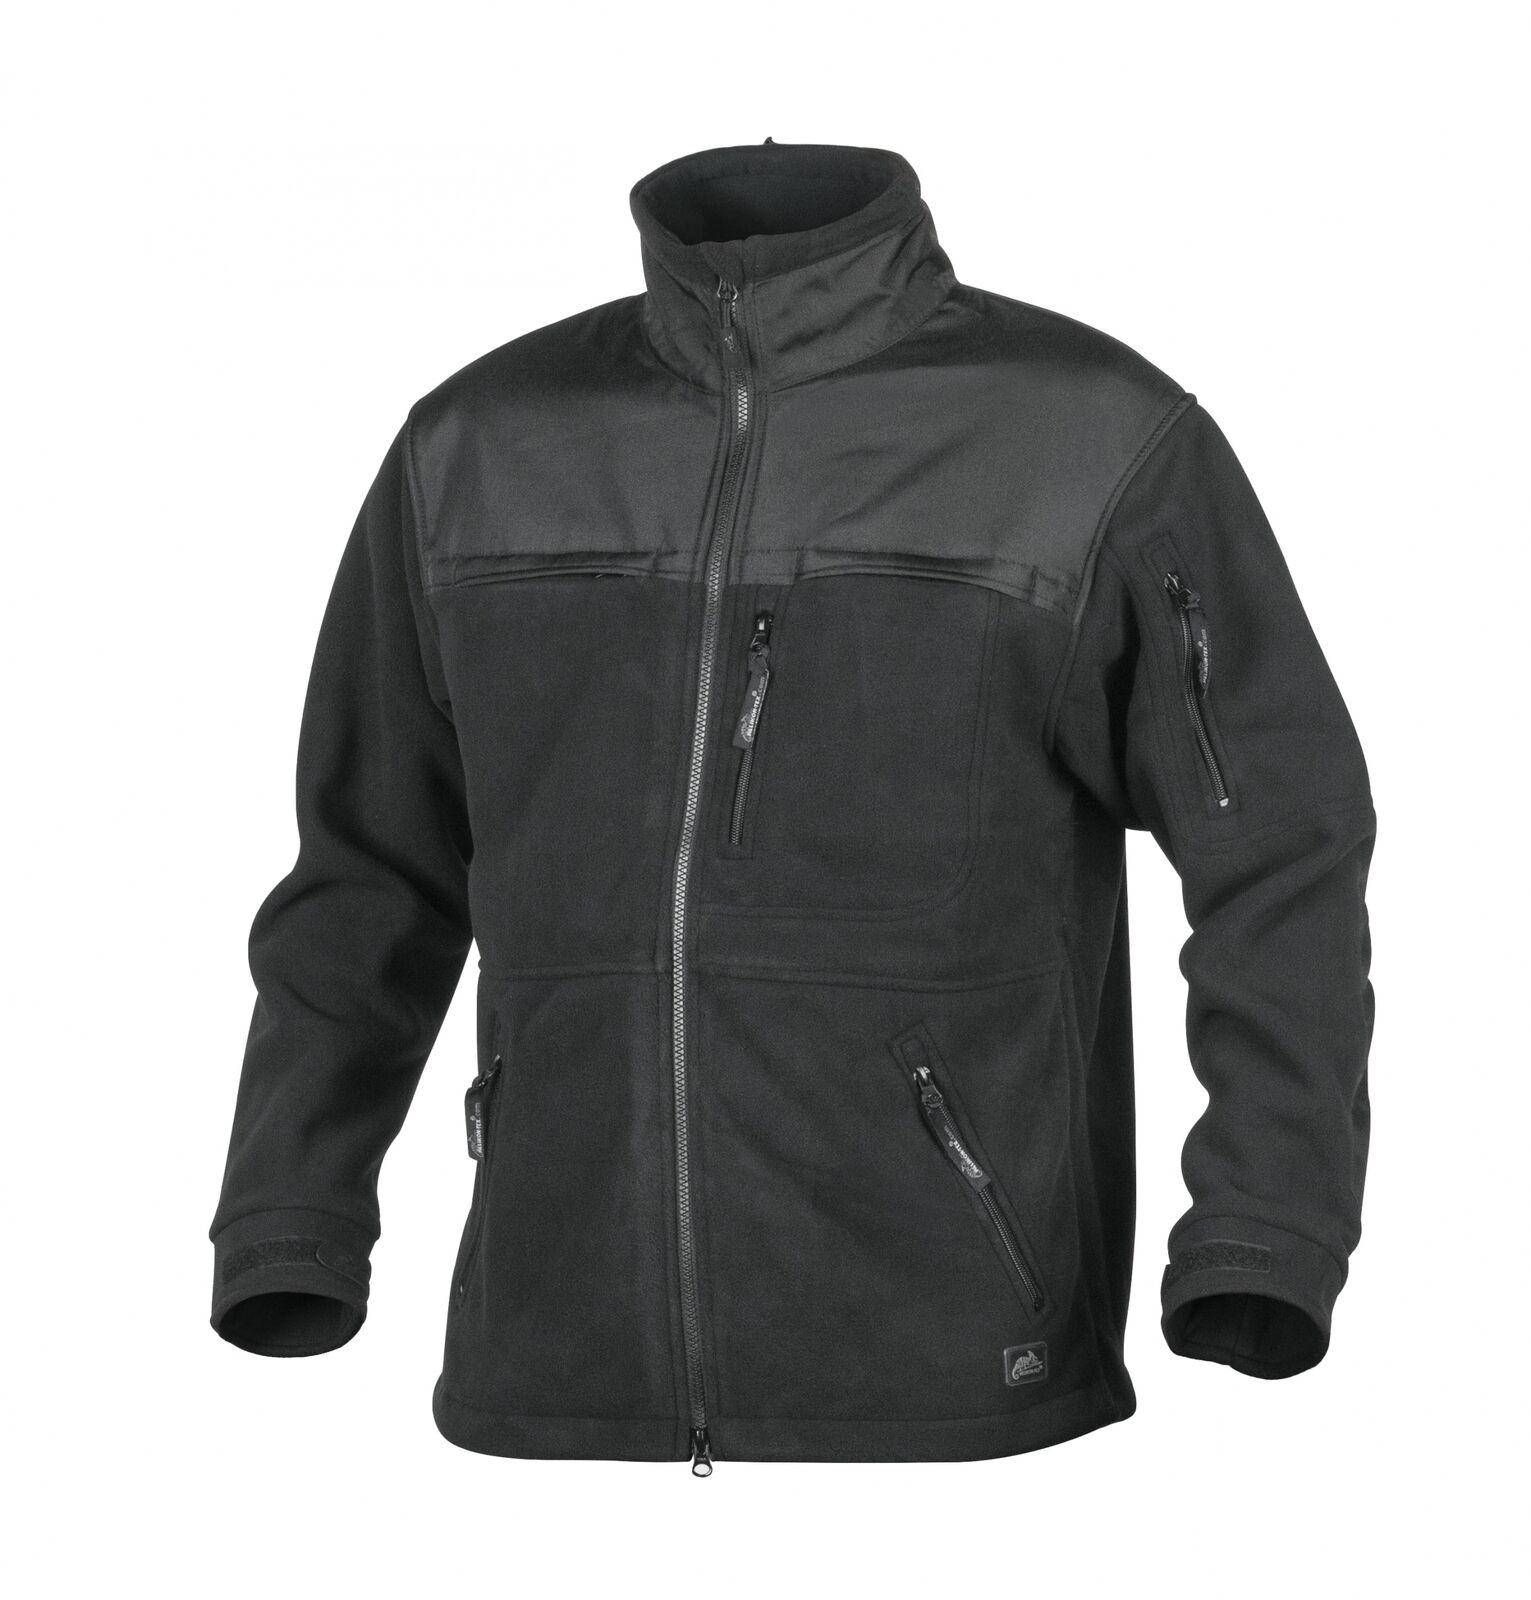 HELIKON-Tex  defender QSA + HID servicio malla chaqueta chaqueta-Fleece-negro  Con 100% de calidad y servicio de% 100.